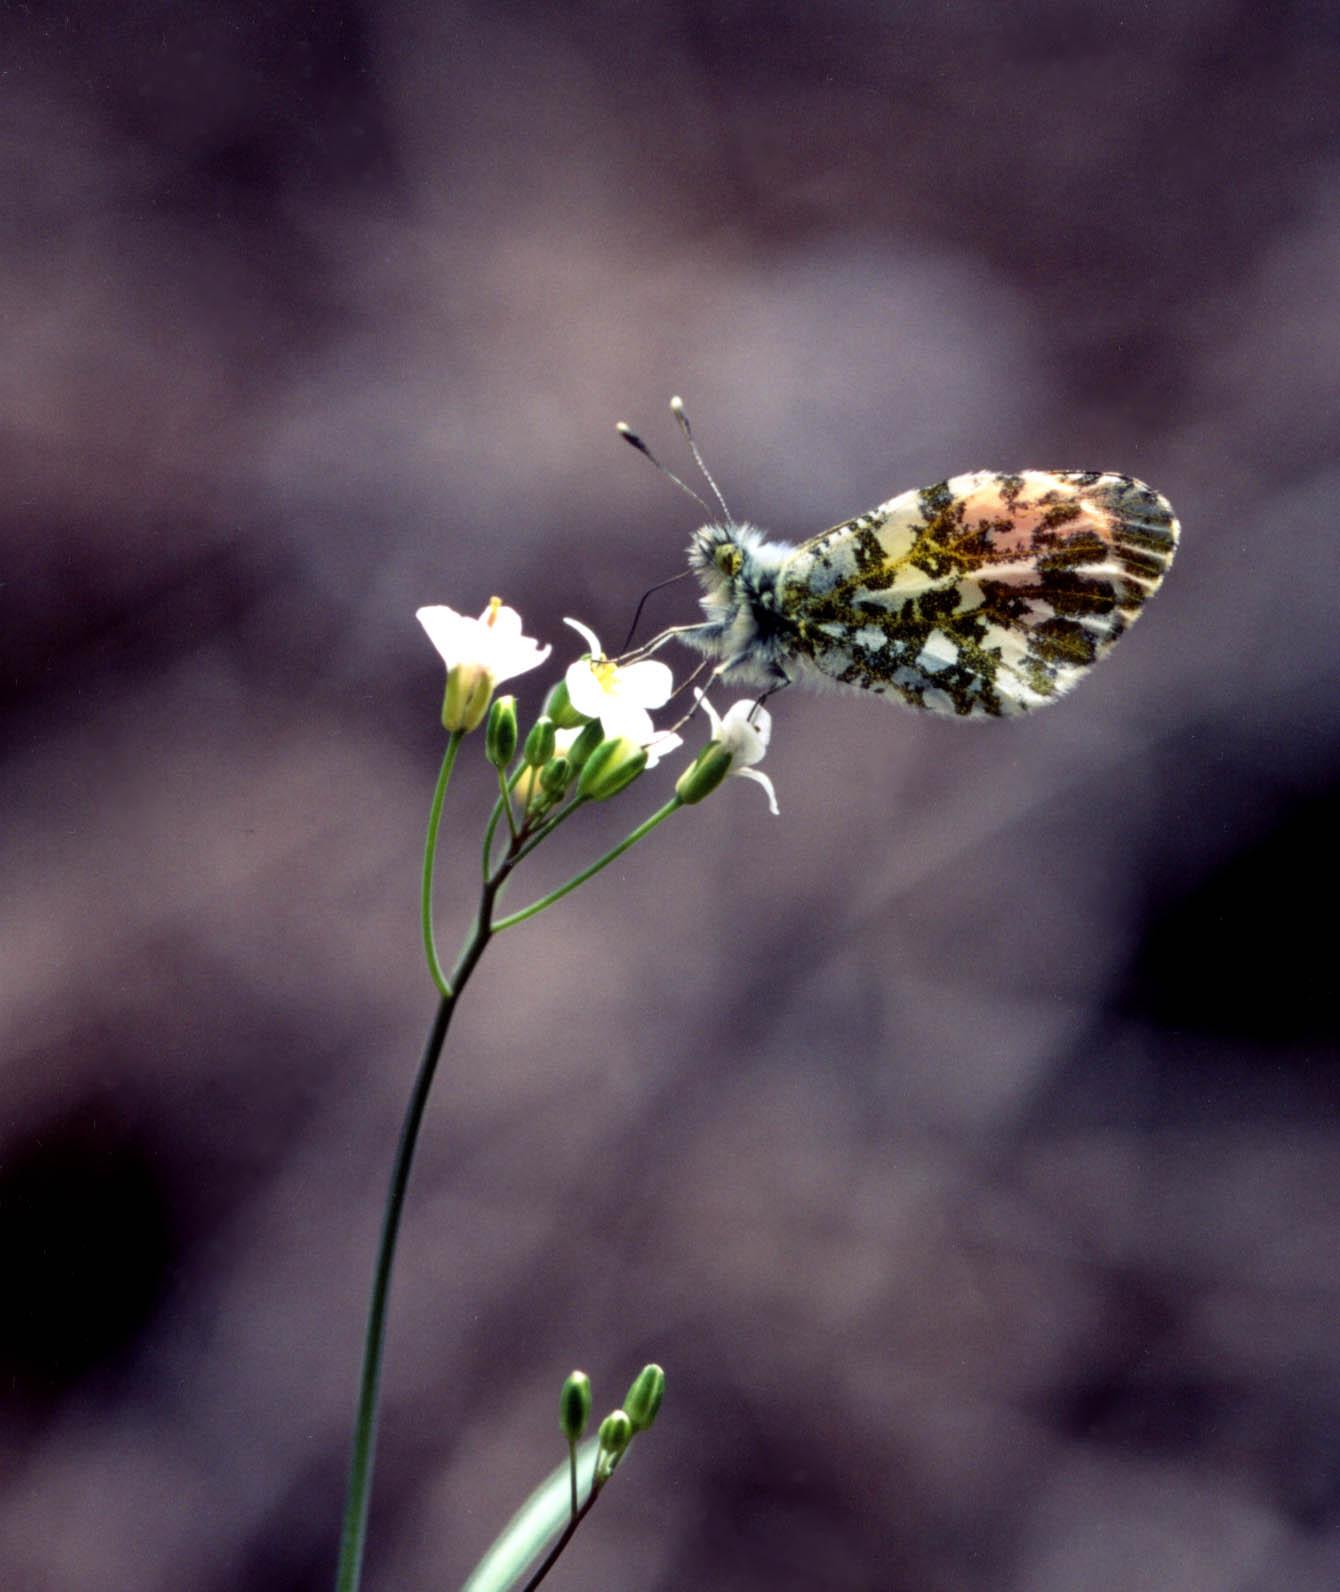 ハタザオで吸蜜するクモマツマキチョウ♂(順光横)